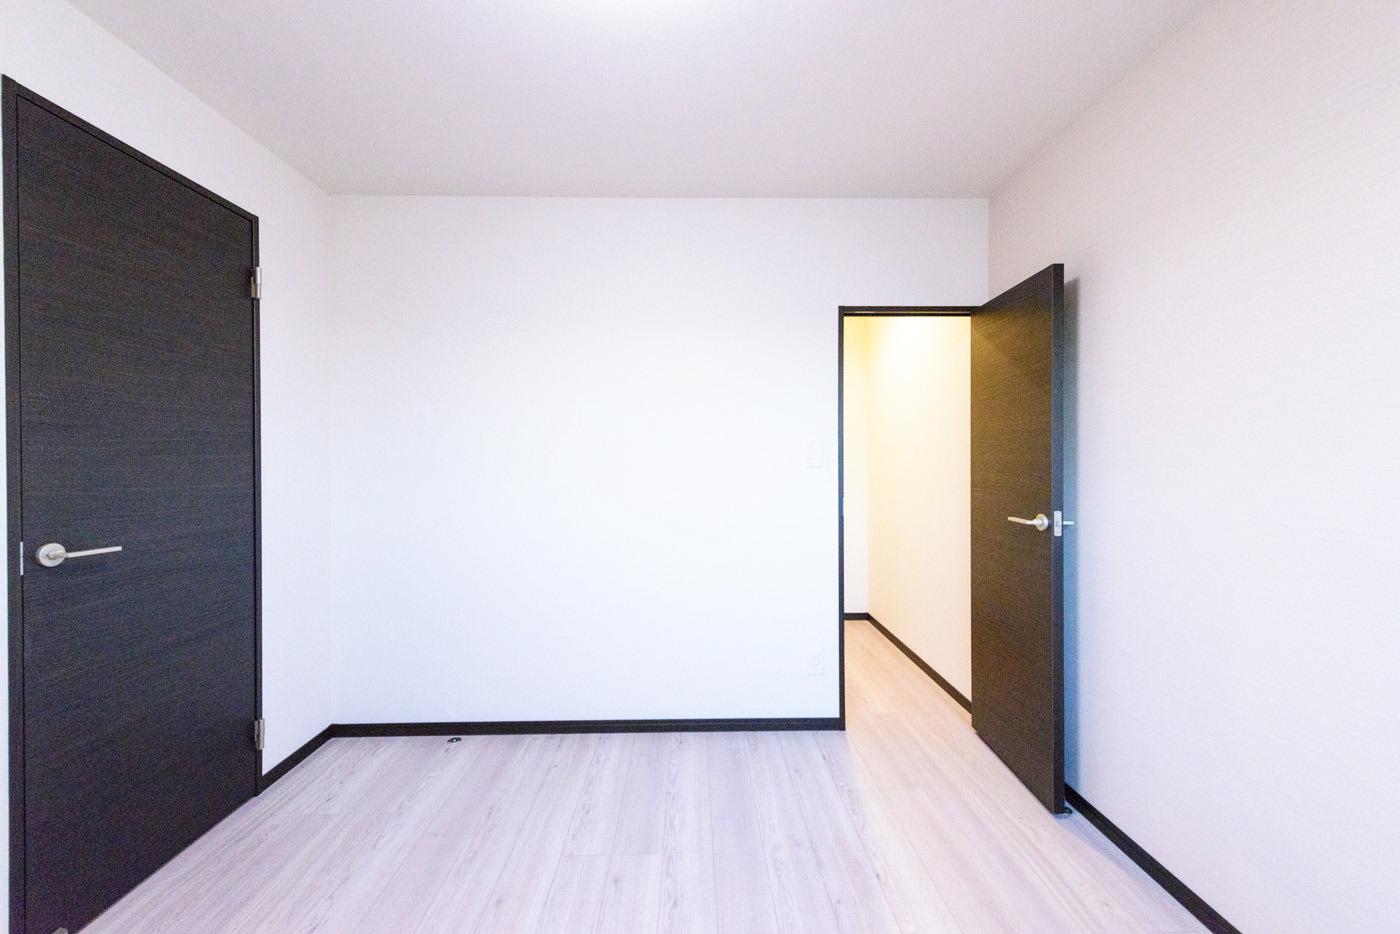 大型クローゼットのある部屋1